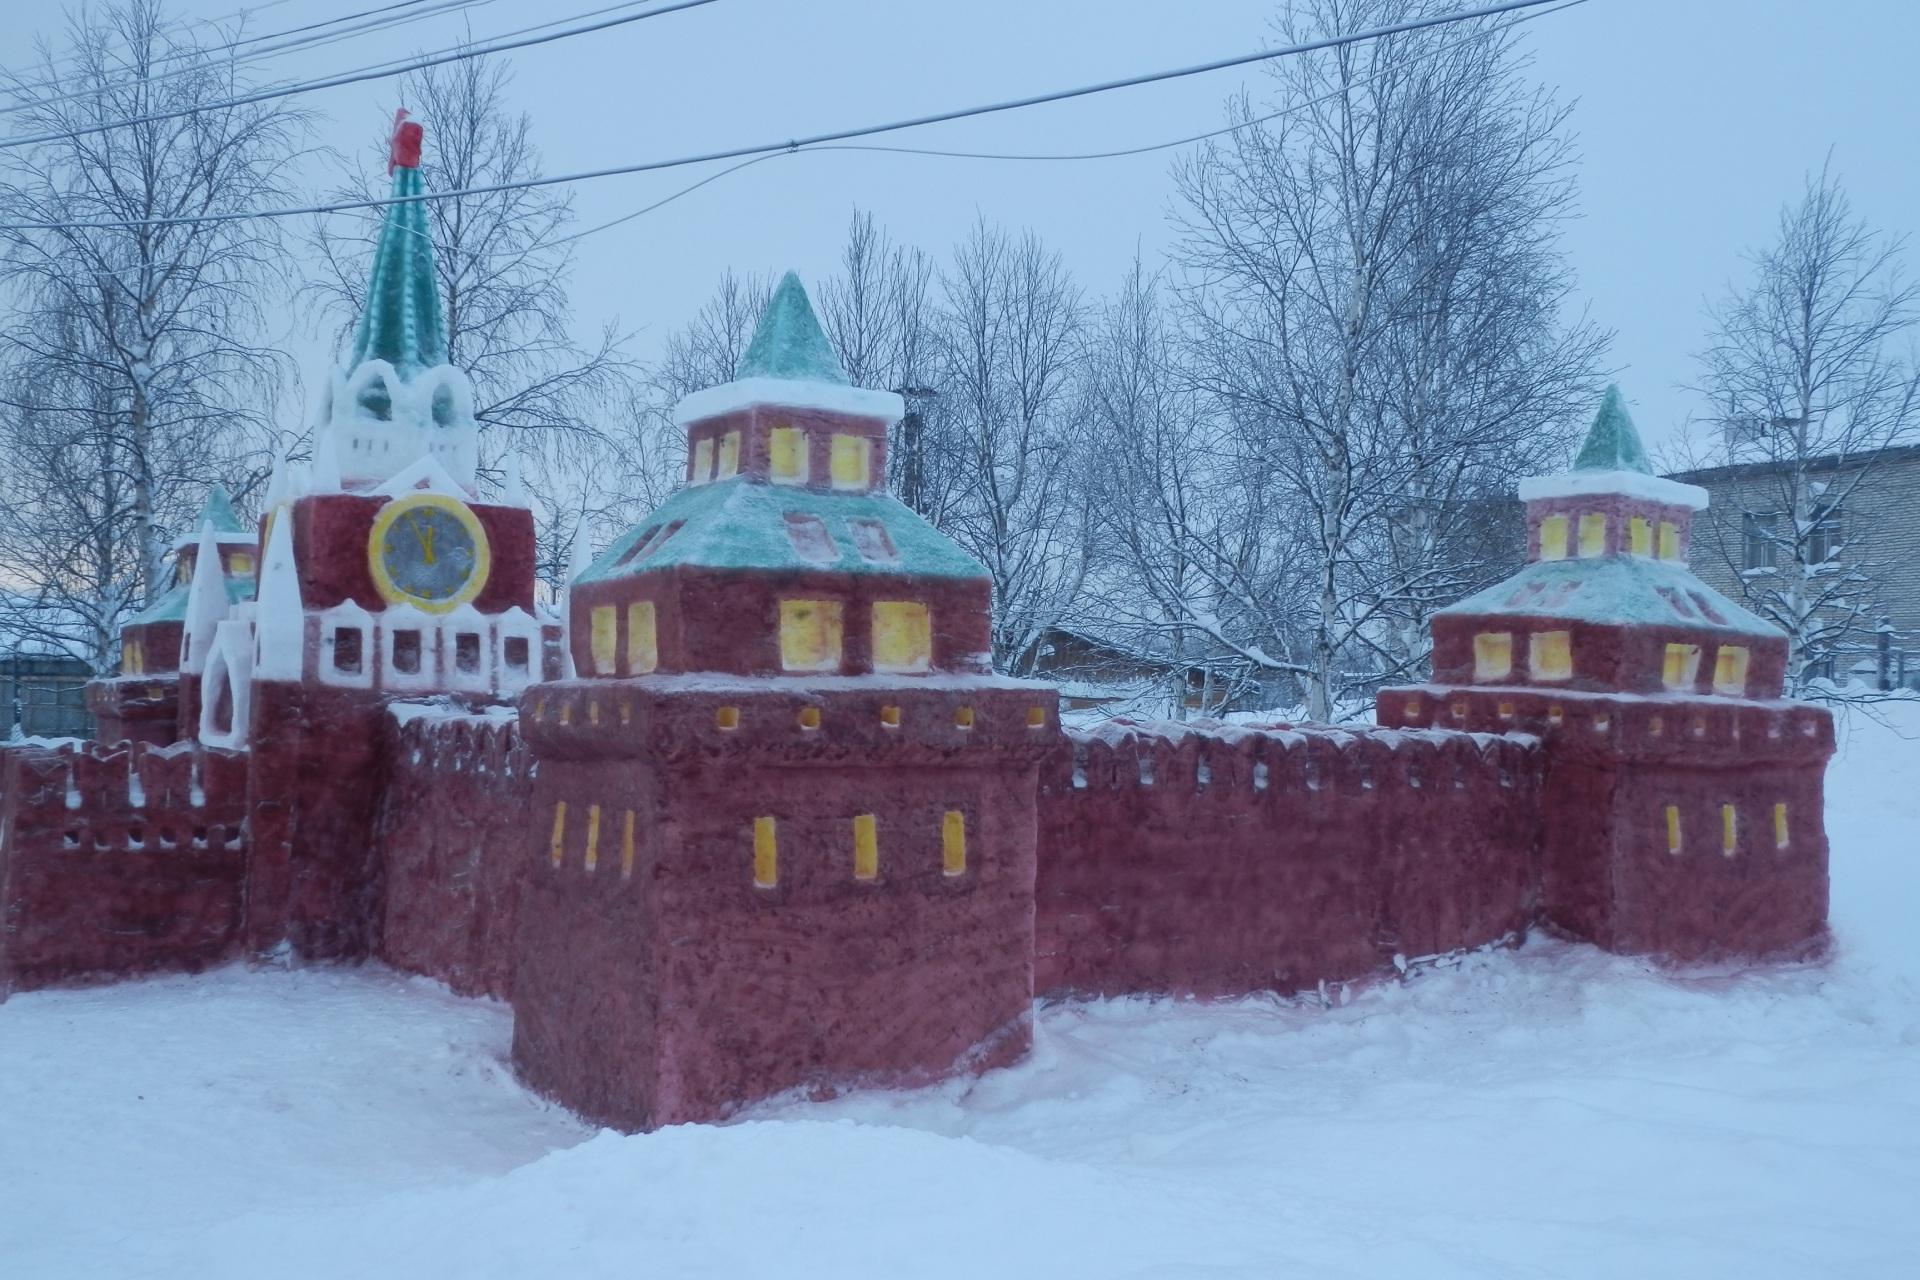 2.-Sneg-na-sneghnuyu-kompoziziyu-sobirali-s-territorii-blizleghaschih-uchastkov.jpg